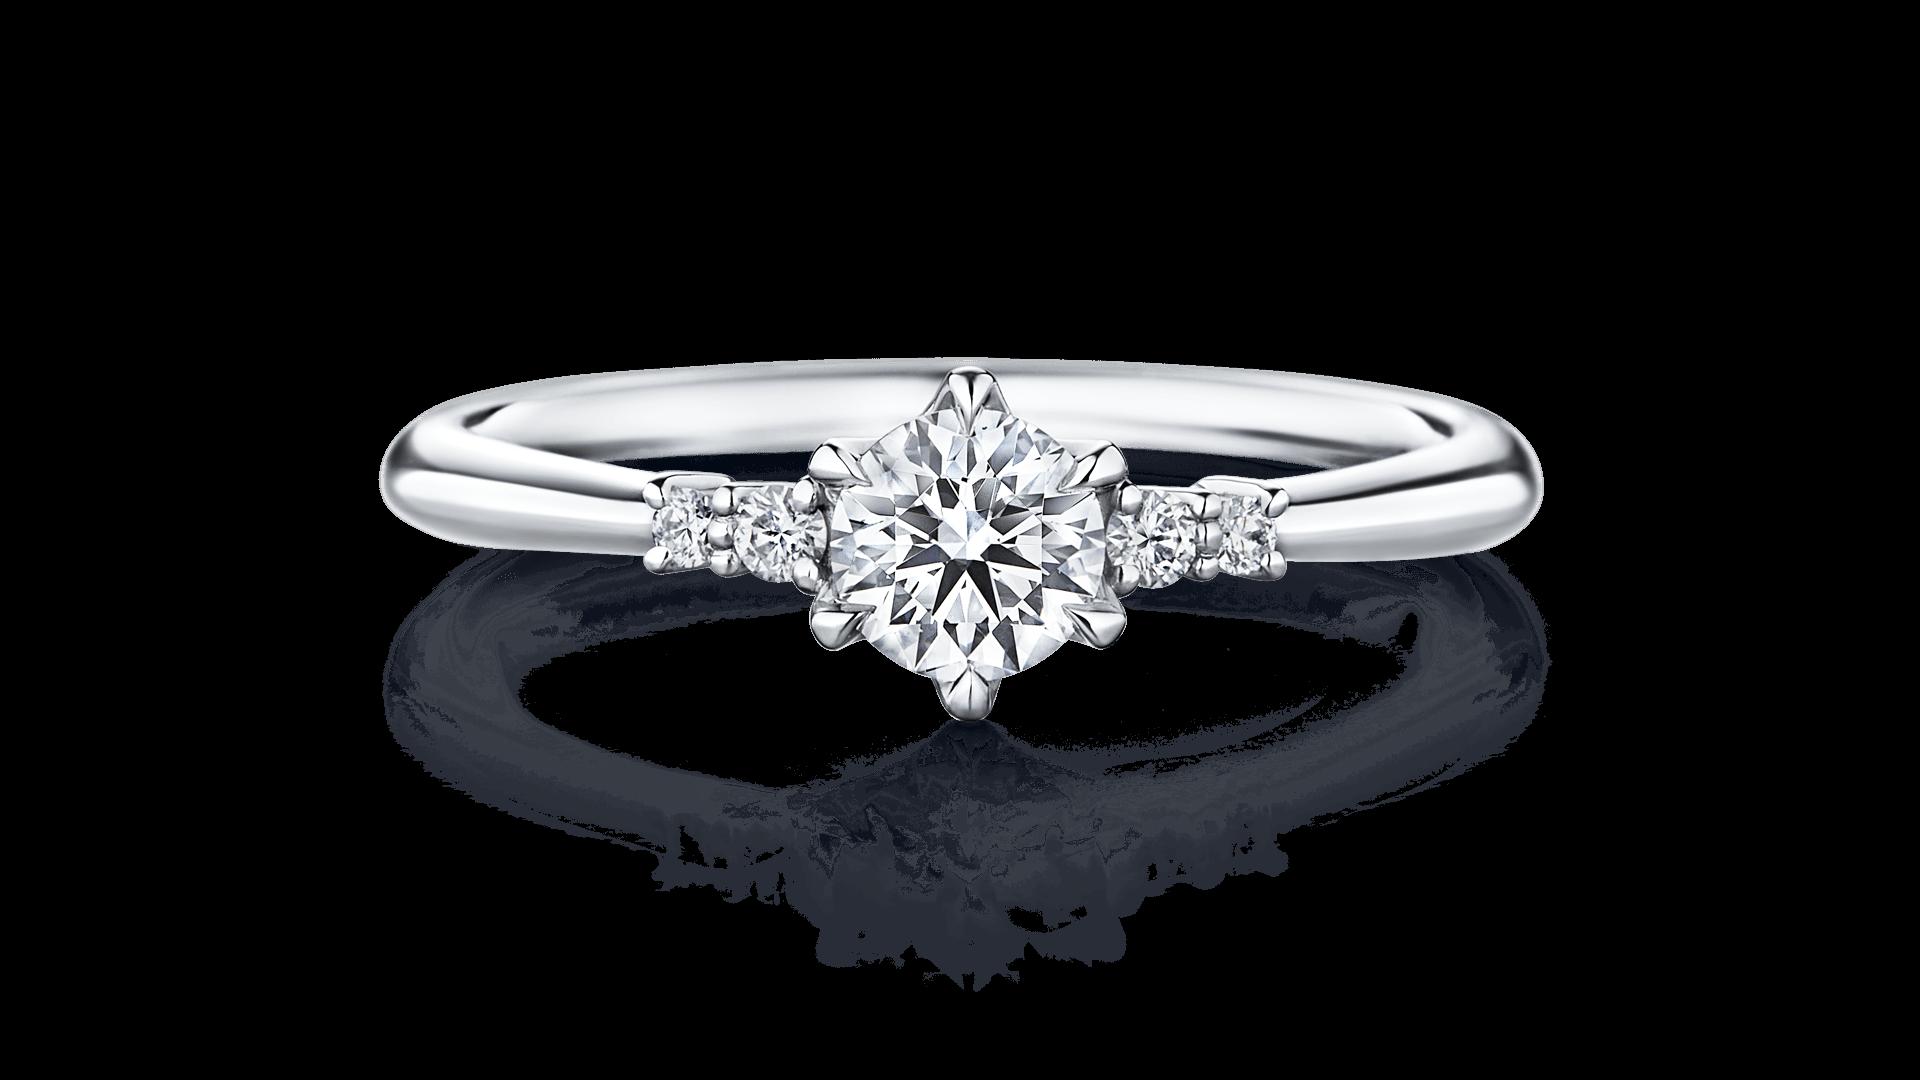 オリオン座をモチーフにした婚約指輪